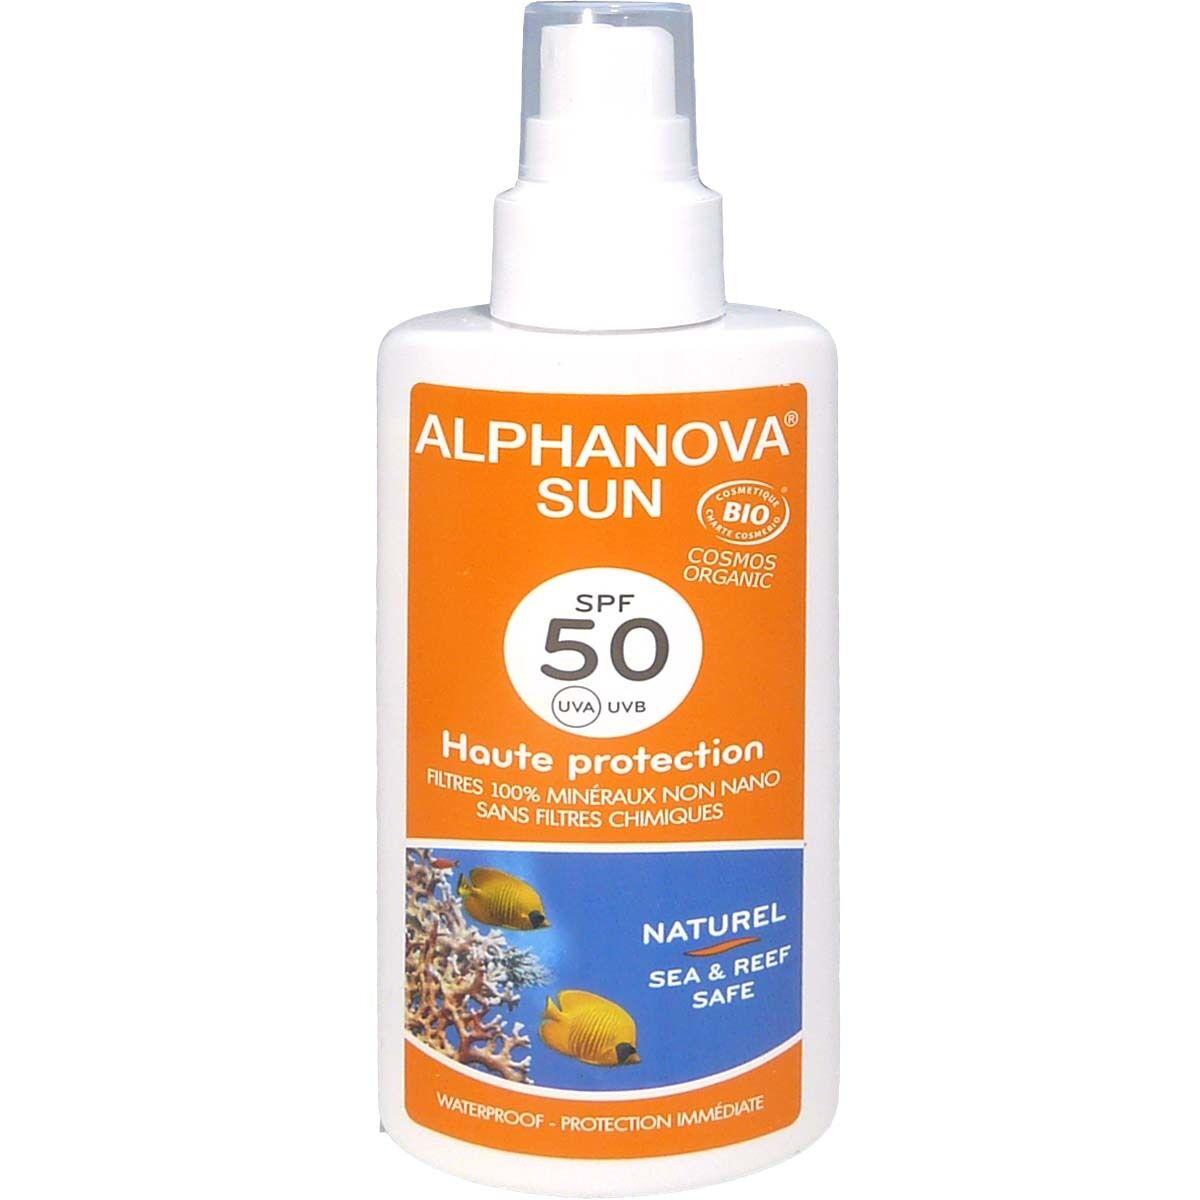 Alphanova sun bio spf50 125g